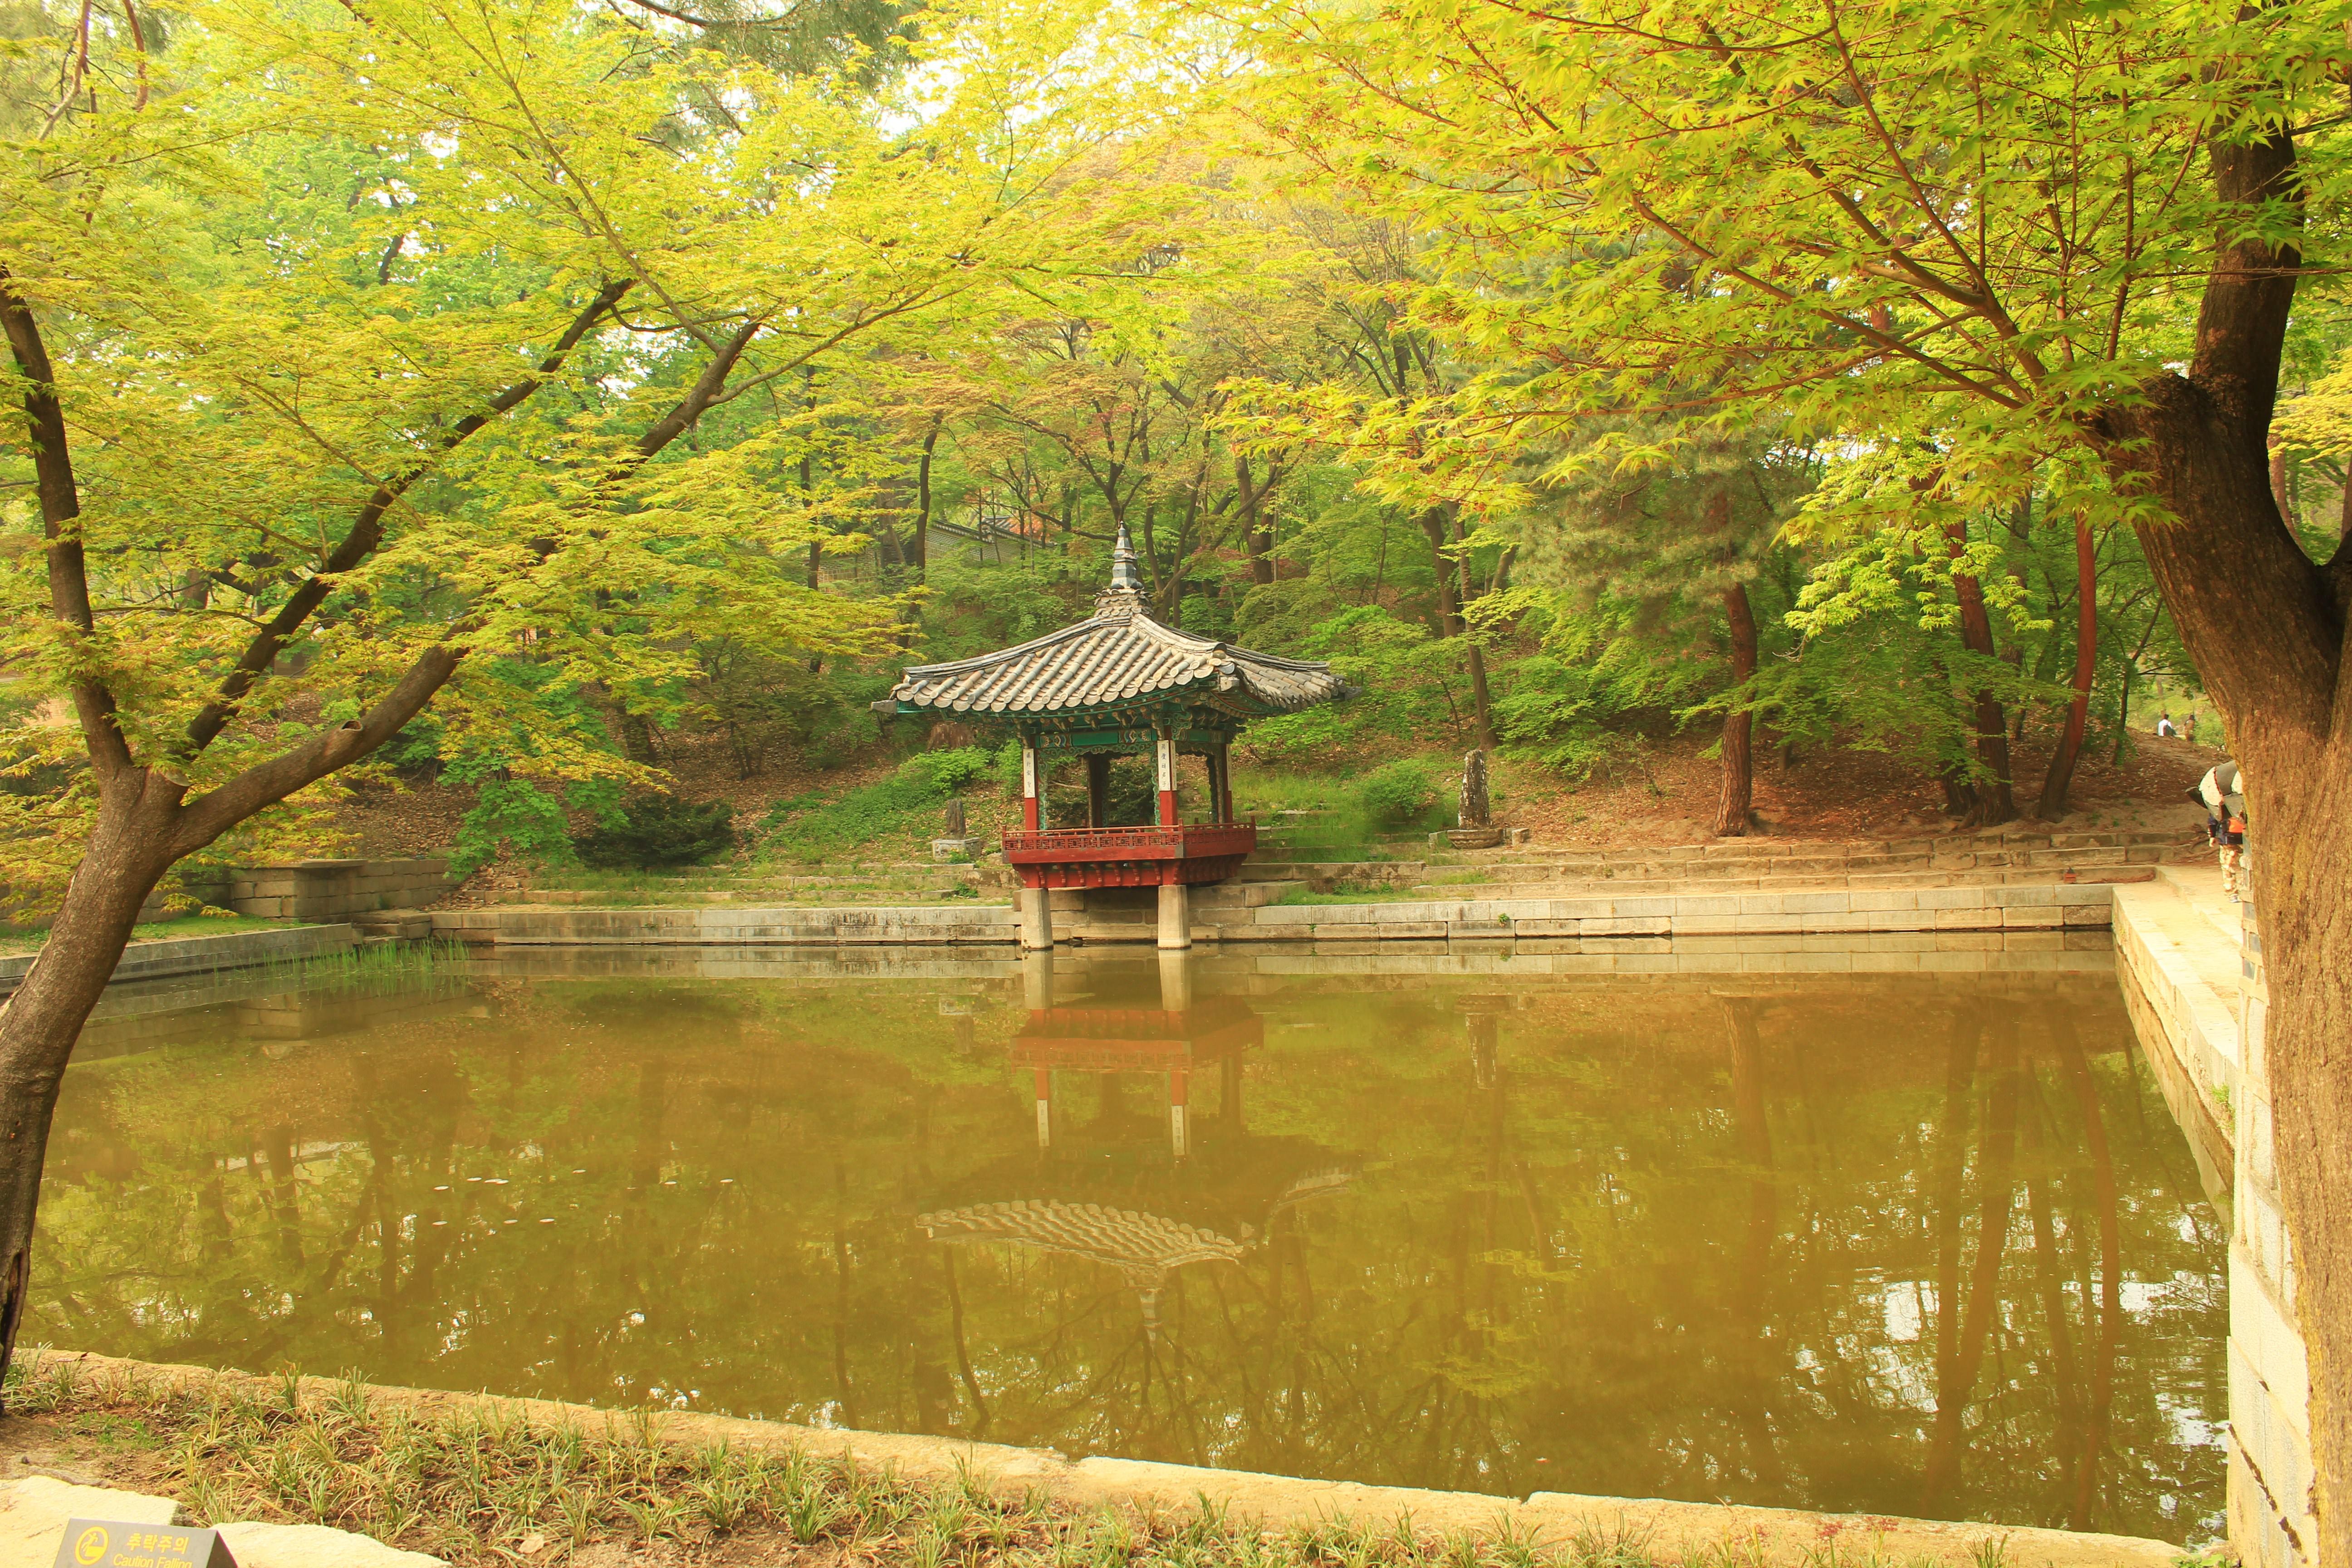 Secret Garden: The Secret Garden At Changdeokgung Palace, Seoul